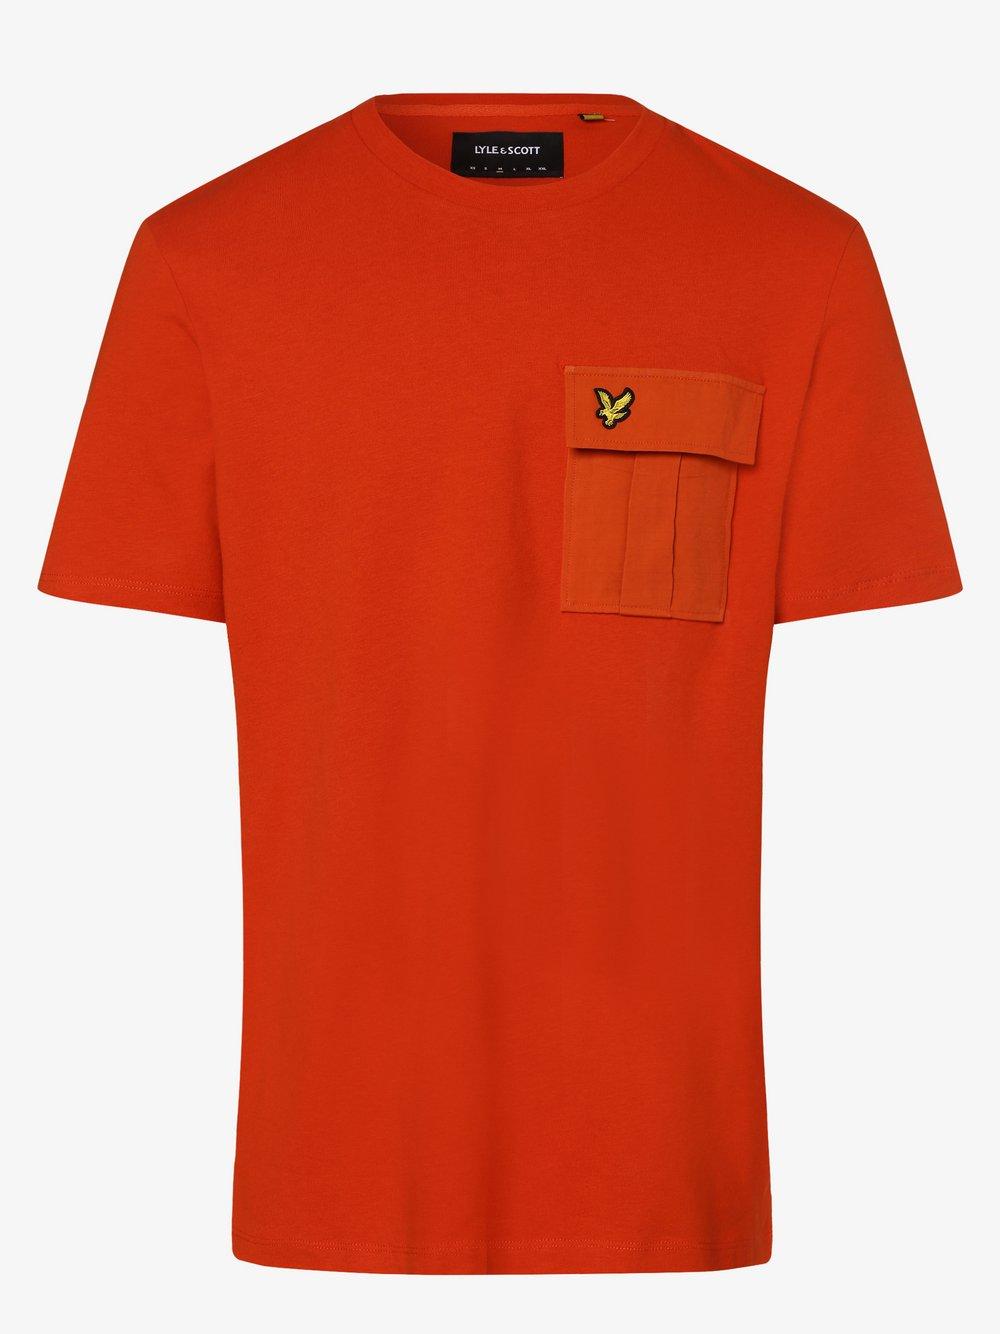 Lyle & Scott - T-shirt męski, pomarańczowy